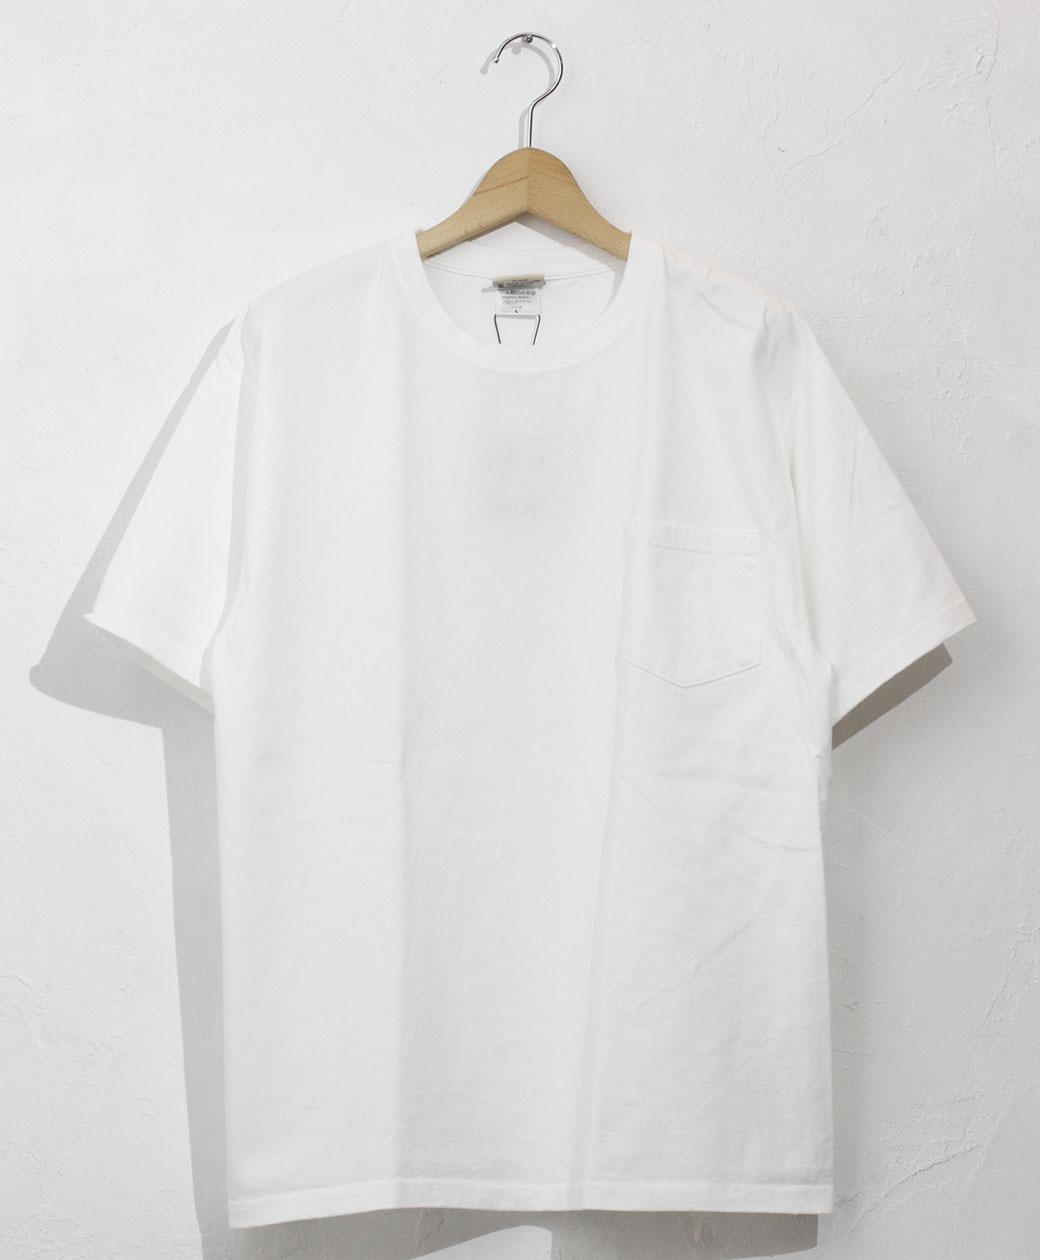 Goodwear REGULER-FIT SHORT SLEEVE T(WHITE)